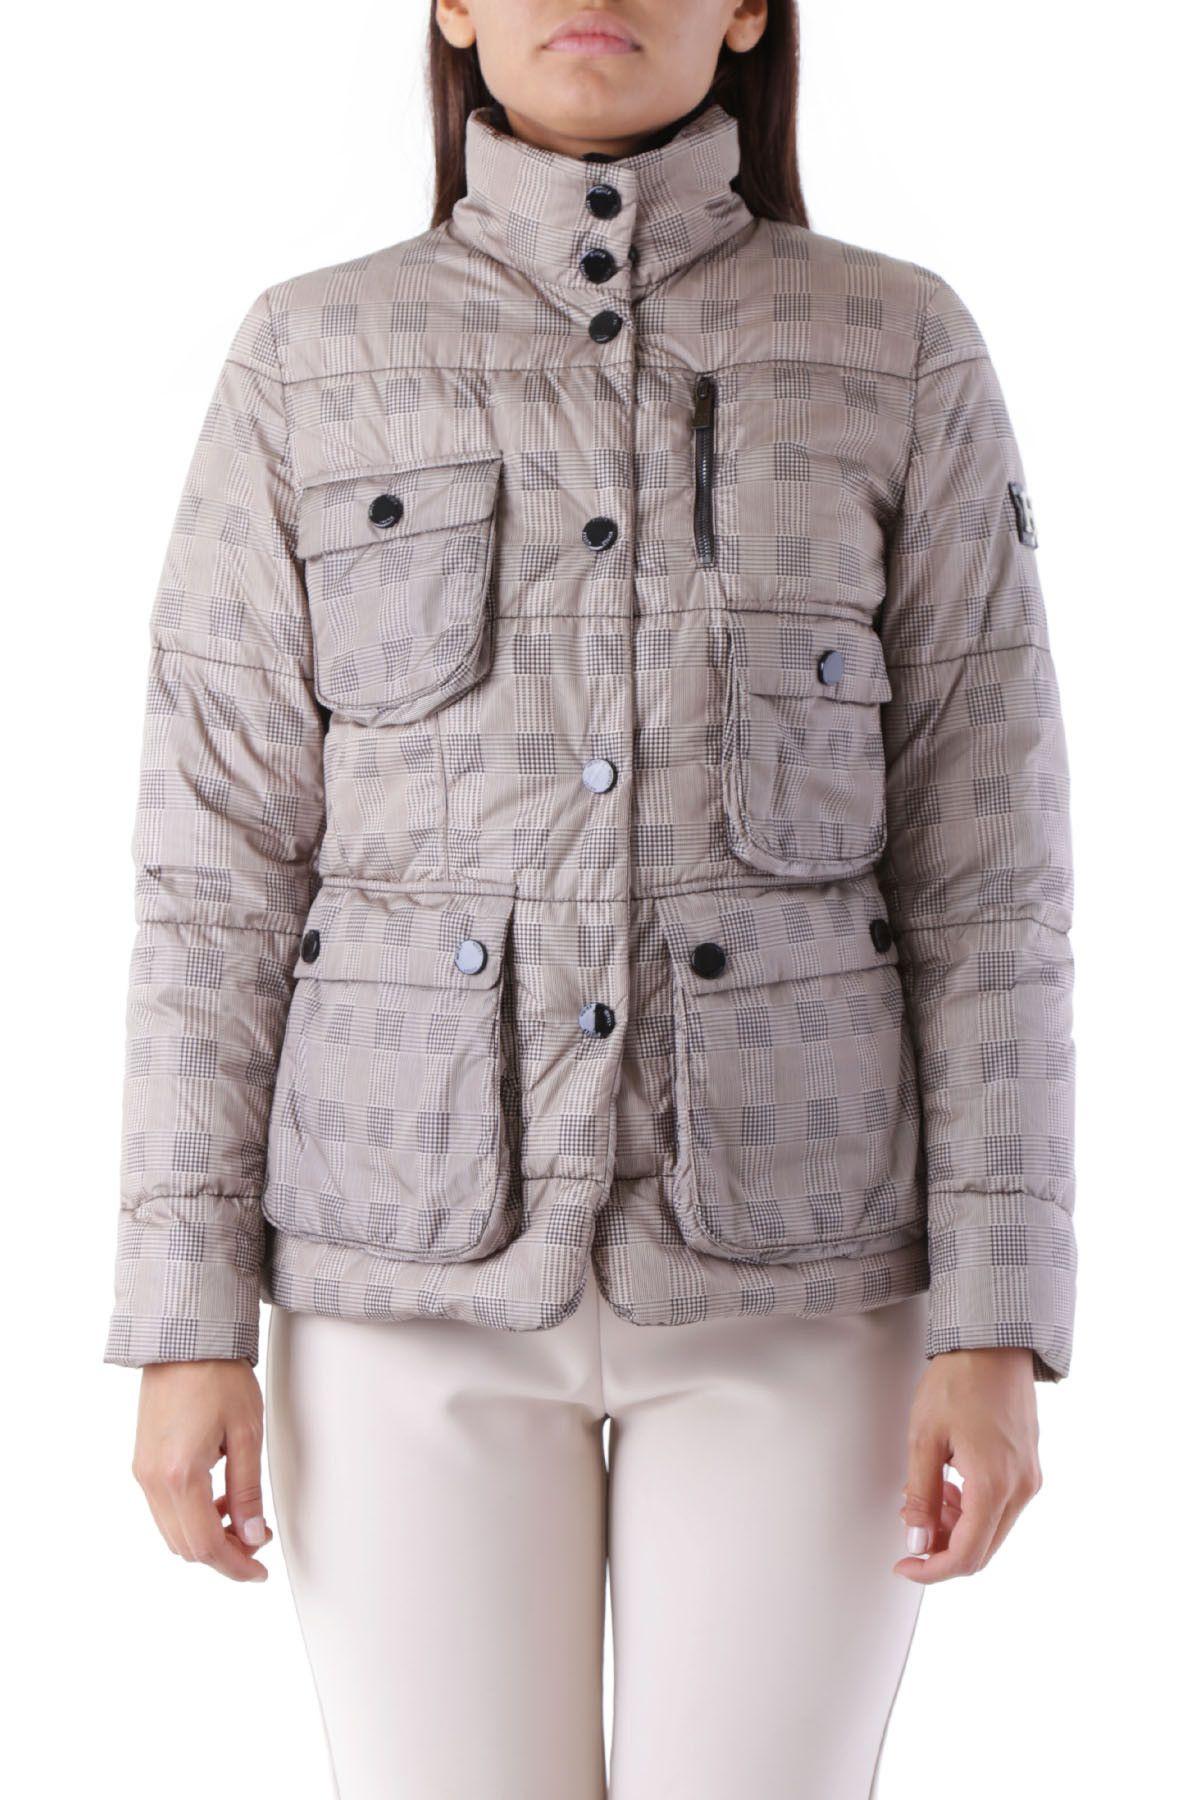 Husky Women's Jacket In Beige